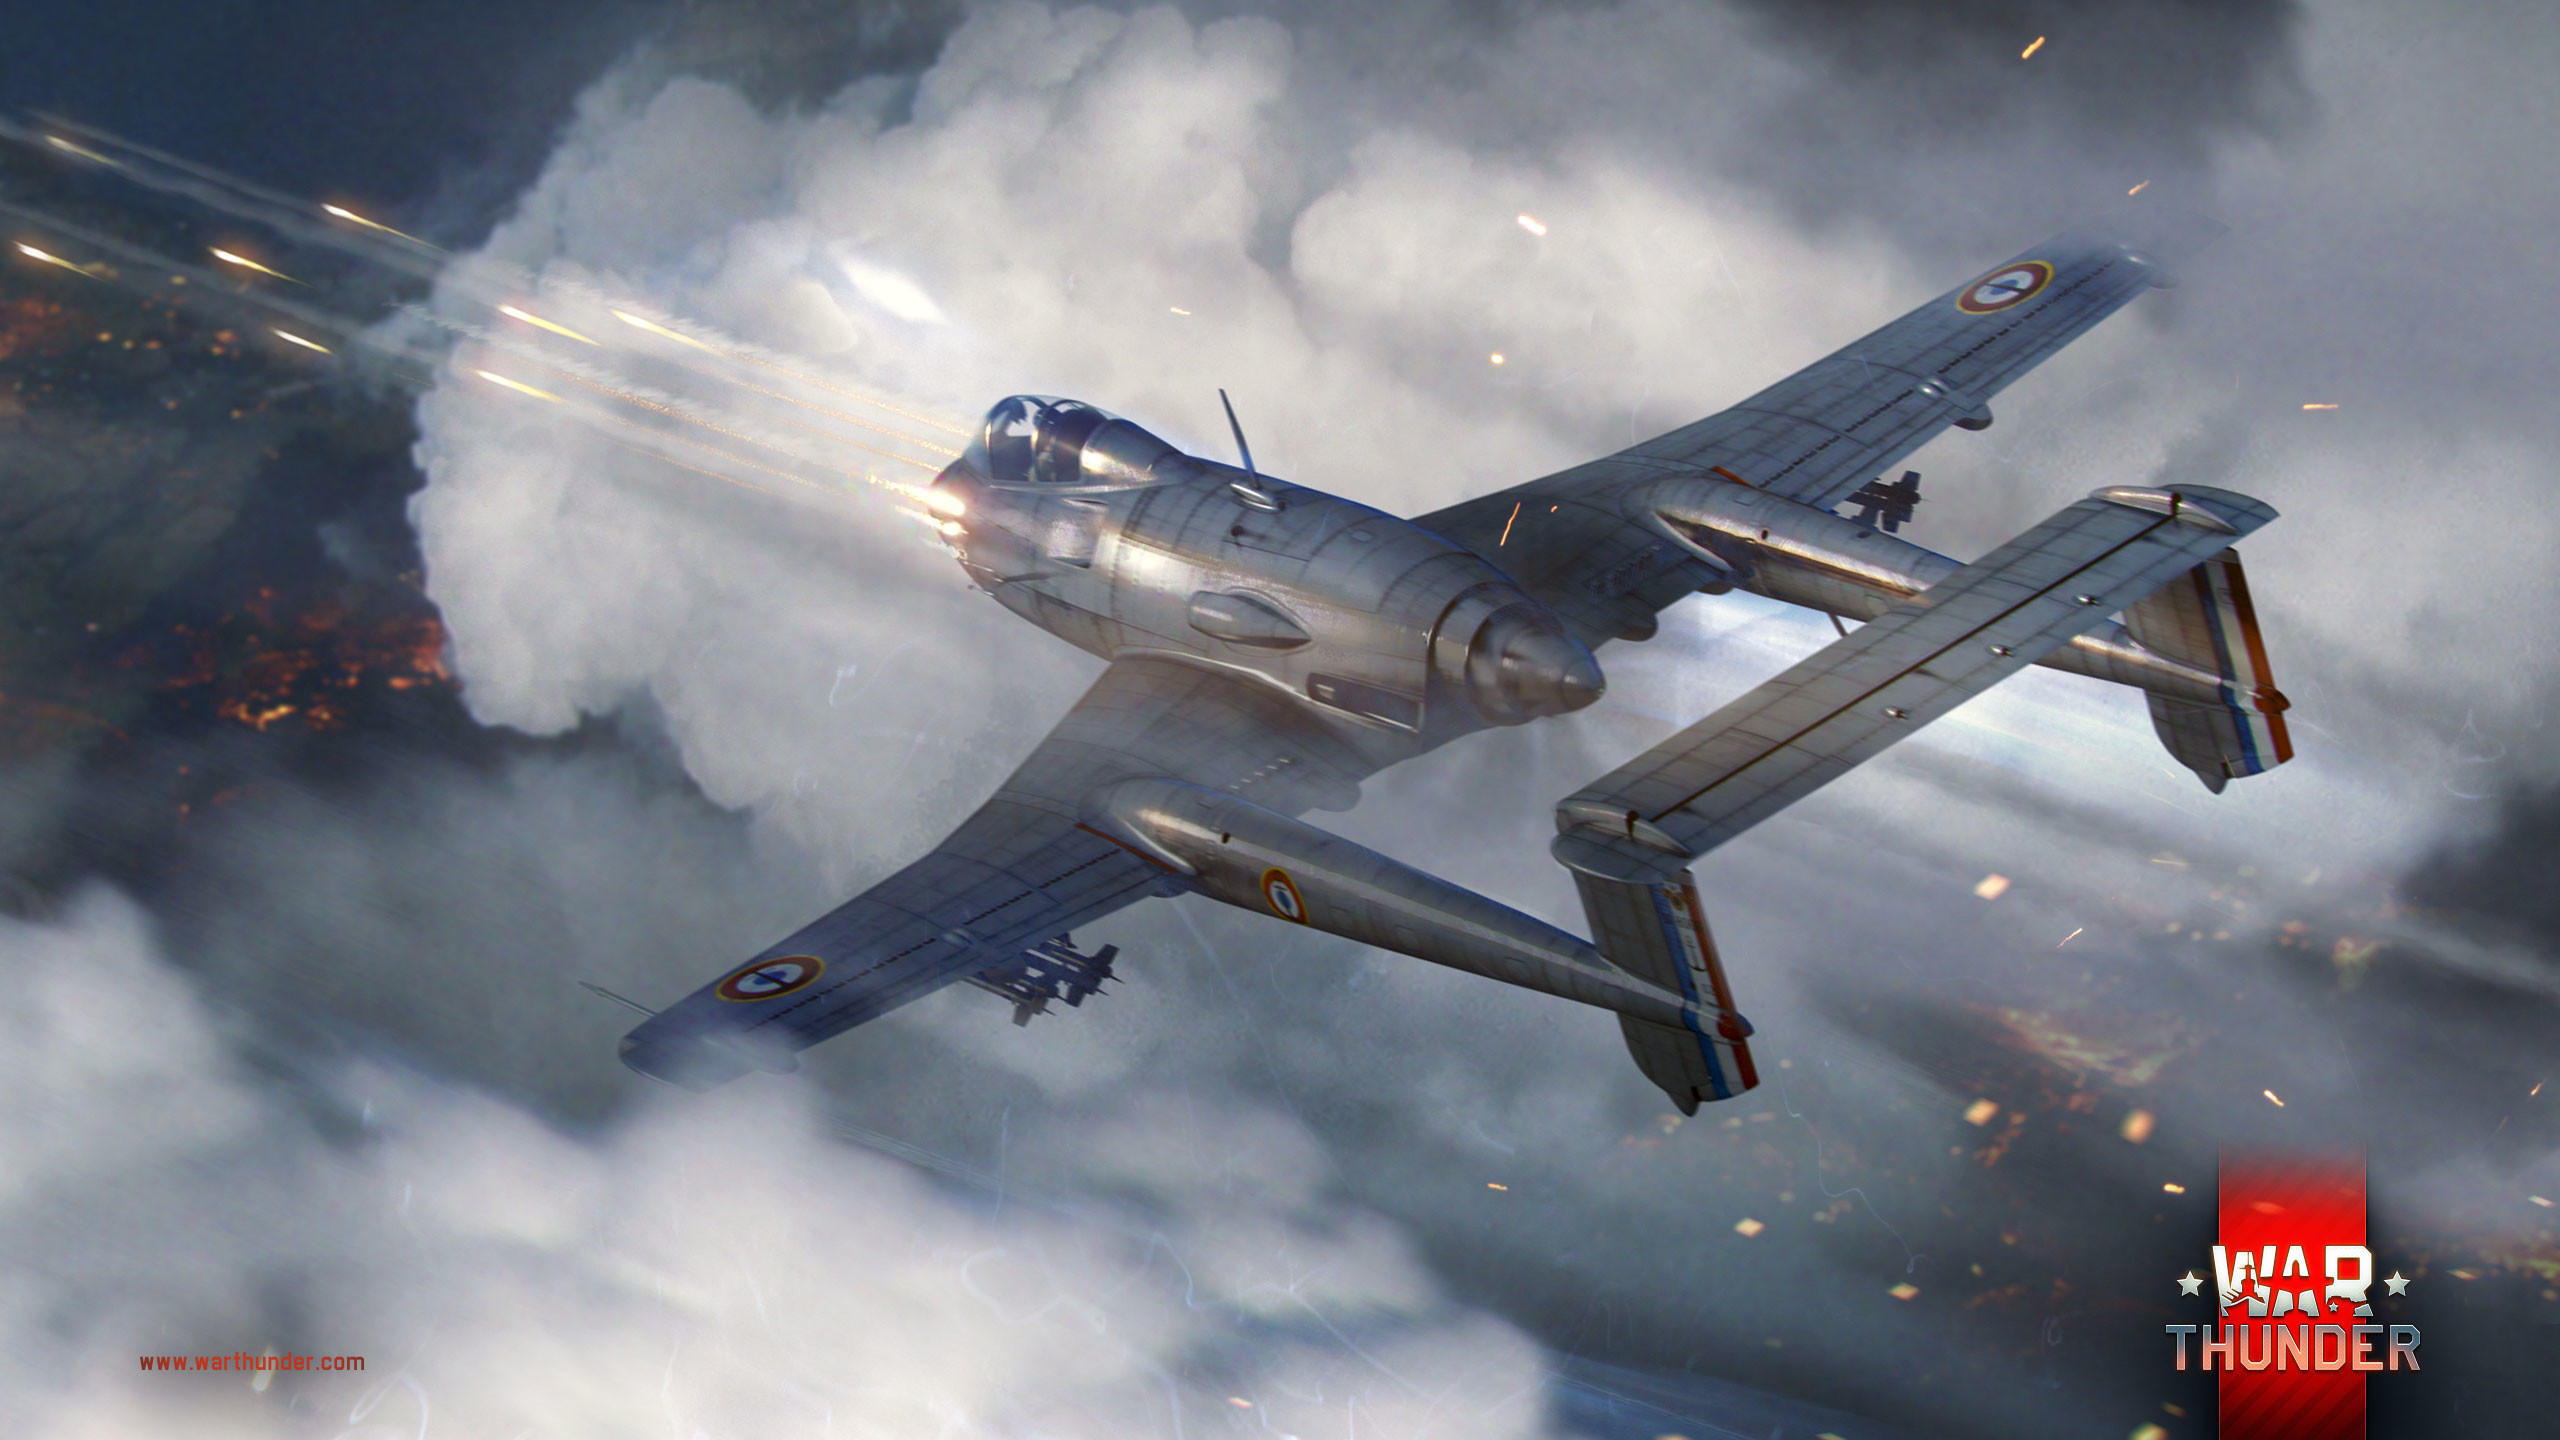 Res: 2560x1440, War Thunder Wallpaper 22 - 2560 X 1440